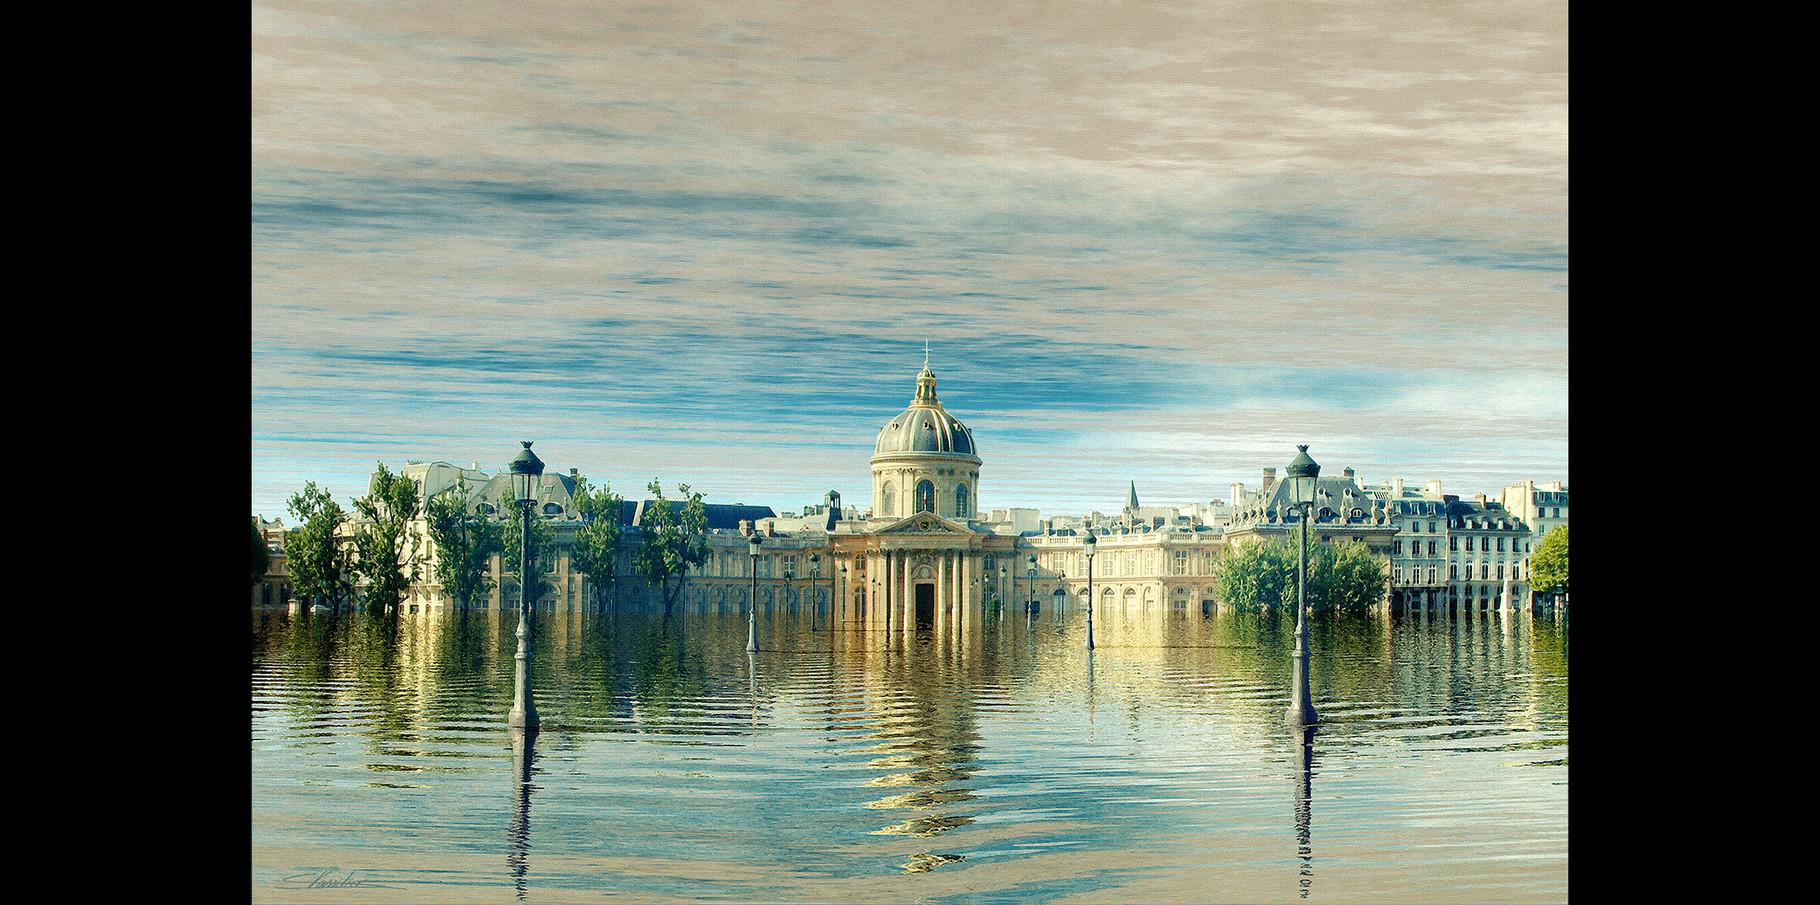 L'institut de France et le Pont des Arts  2004